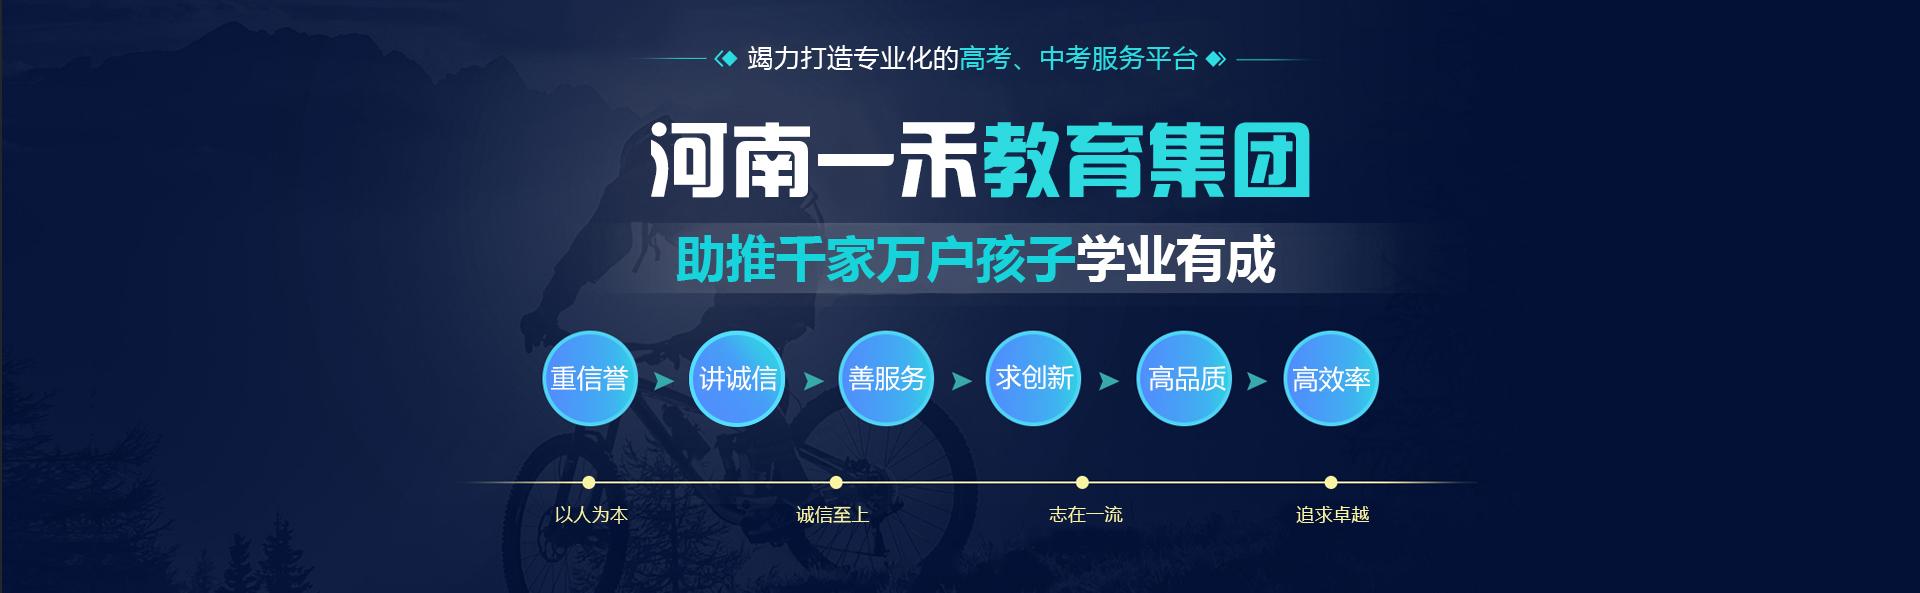 焦作市必威官方网页文化必威中国网站投资咨询有限公司